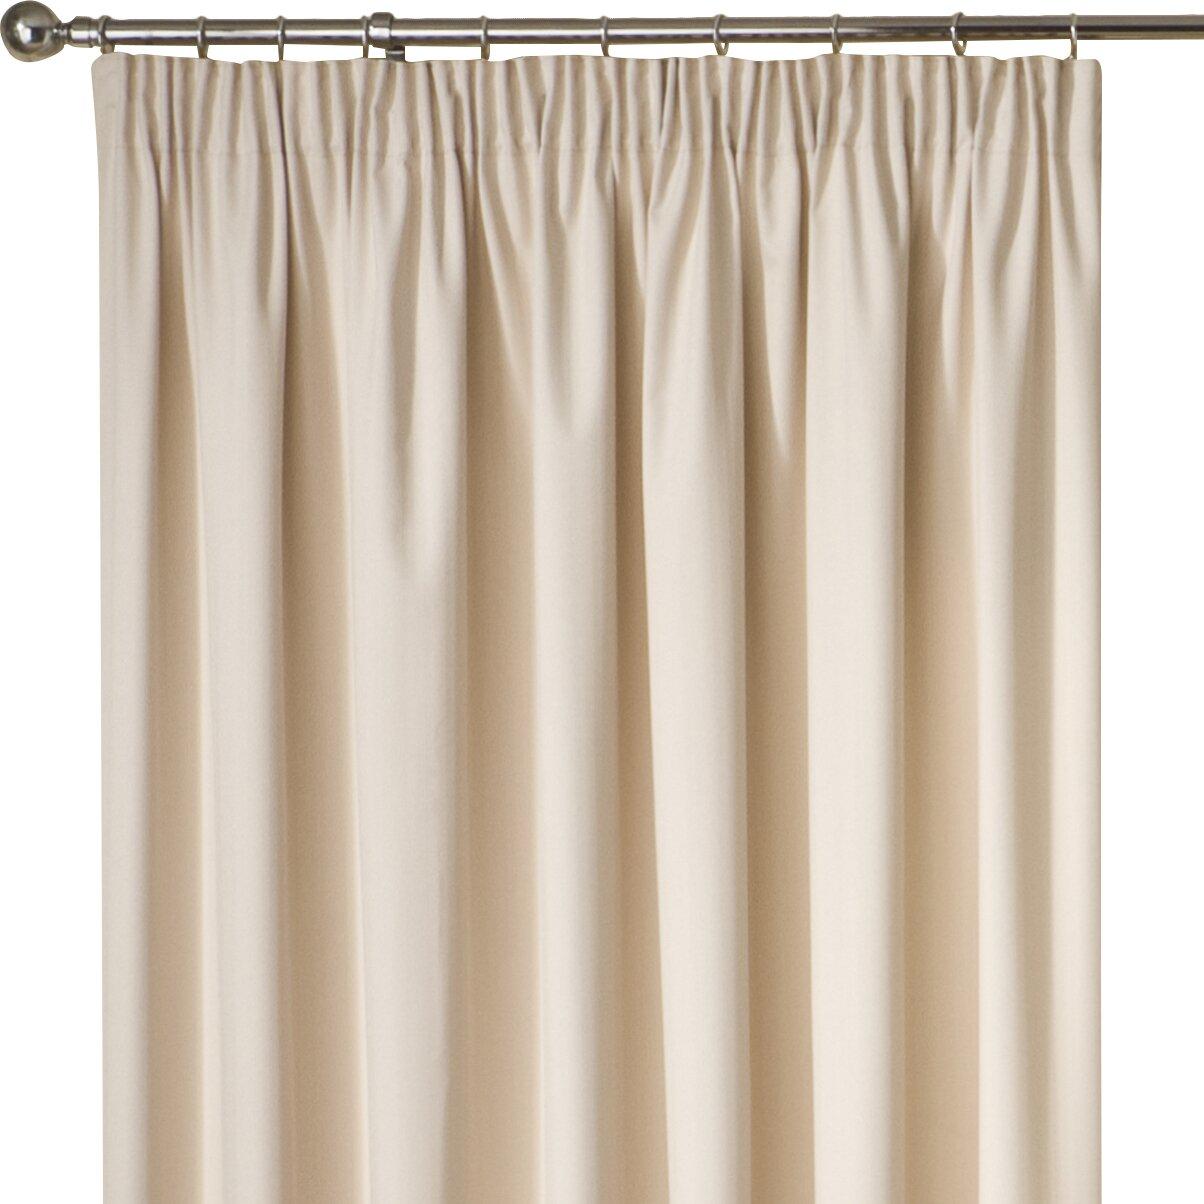 wayfair basics curtain panel reviews wayfair uk